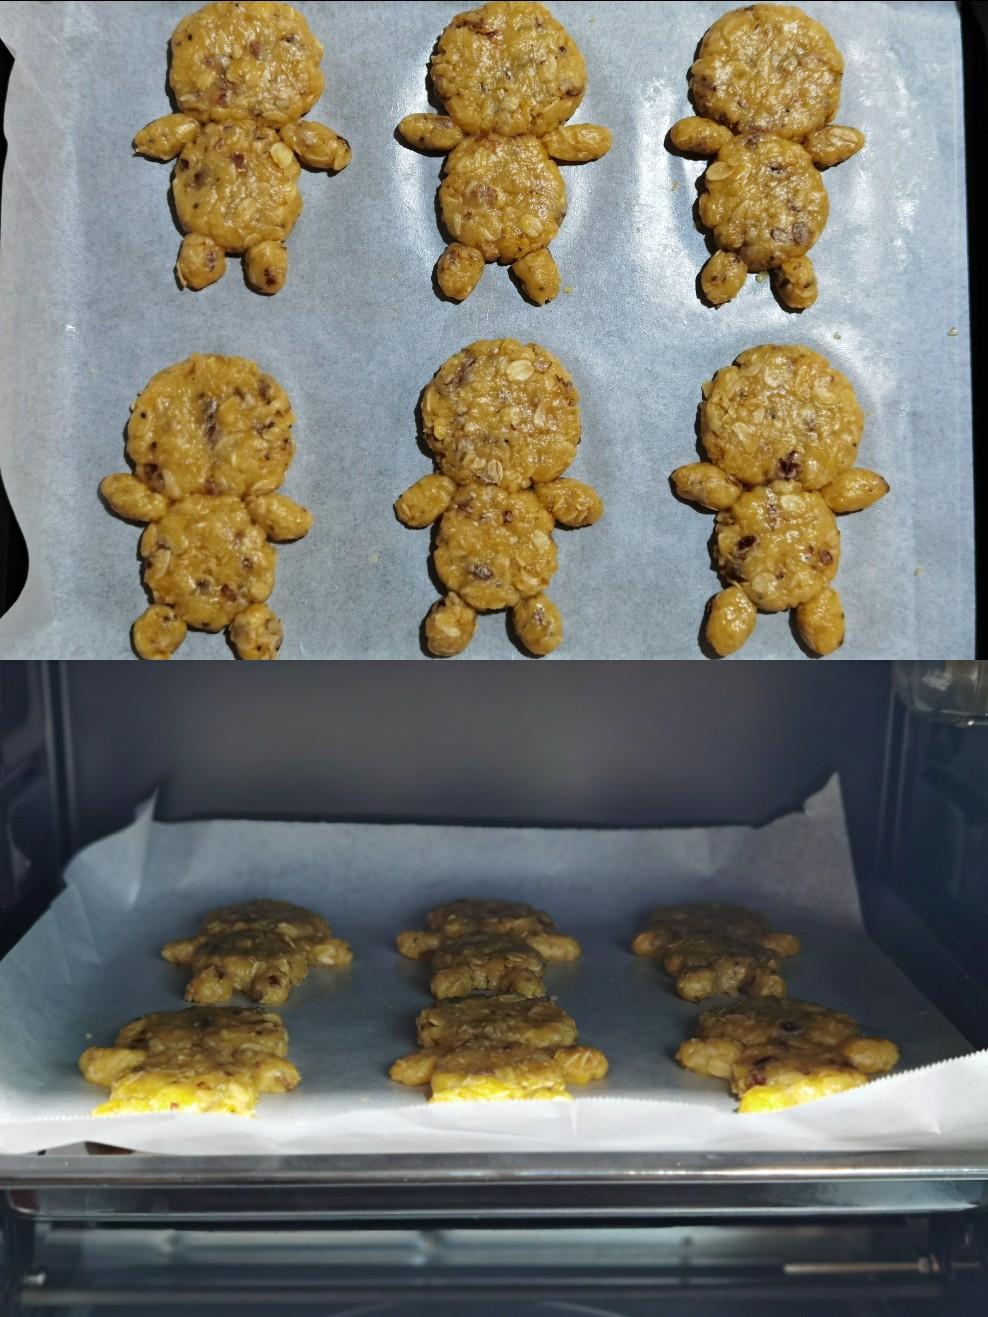 超Q姜饼小人燕麦饼干\uD83C\uDF6A香酥好吃(图2)